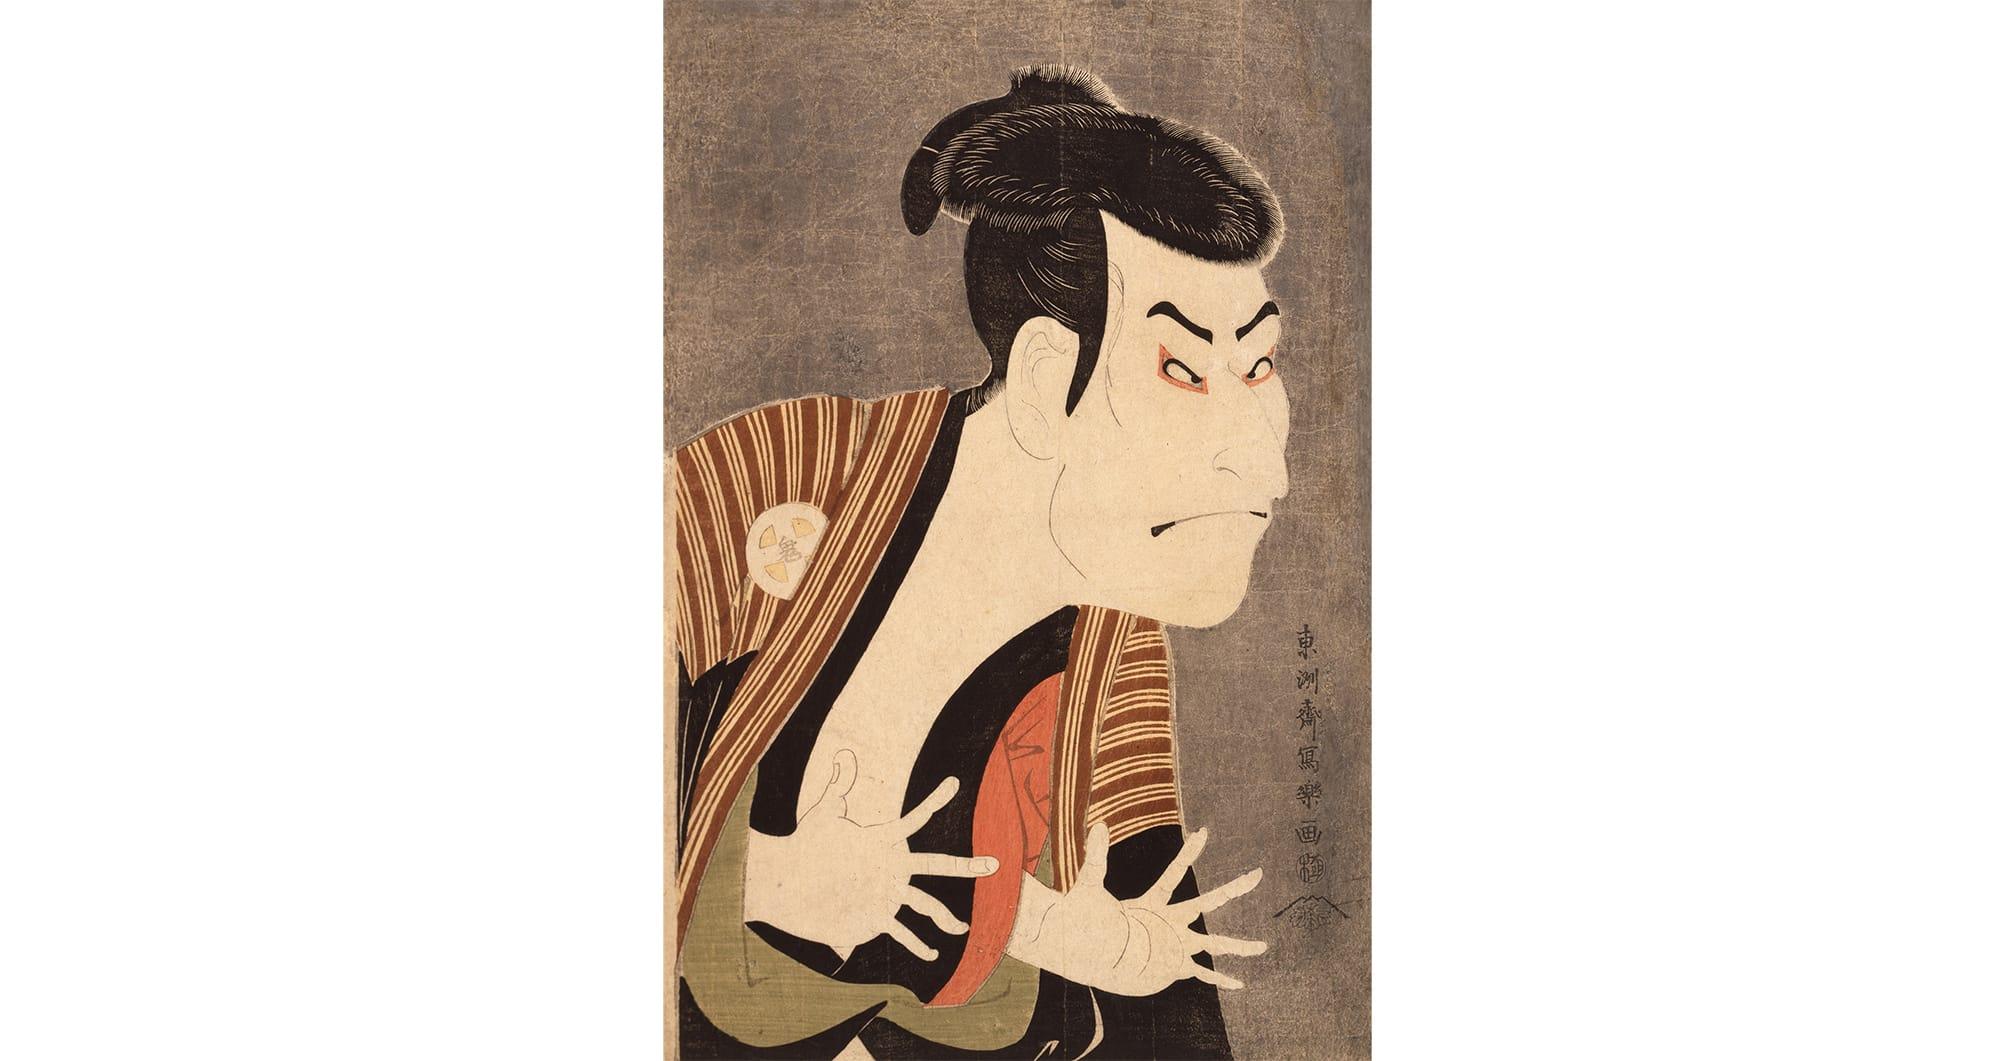 東洲斎寫樂「三代目大谷鬼次江戶兵衛」大判 錦繪(彩色版畫) 寬政6年(1794)5月 日本浮世繪博物館 似明星寫真的「役者繪」(Yakusha-e)(繪畫題材多是當時歌舞伎的演員),當時非常有人氣,也是觸發浮世繪滲透到一般平民百姓的原因。